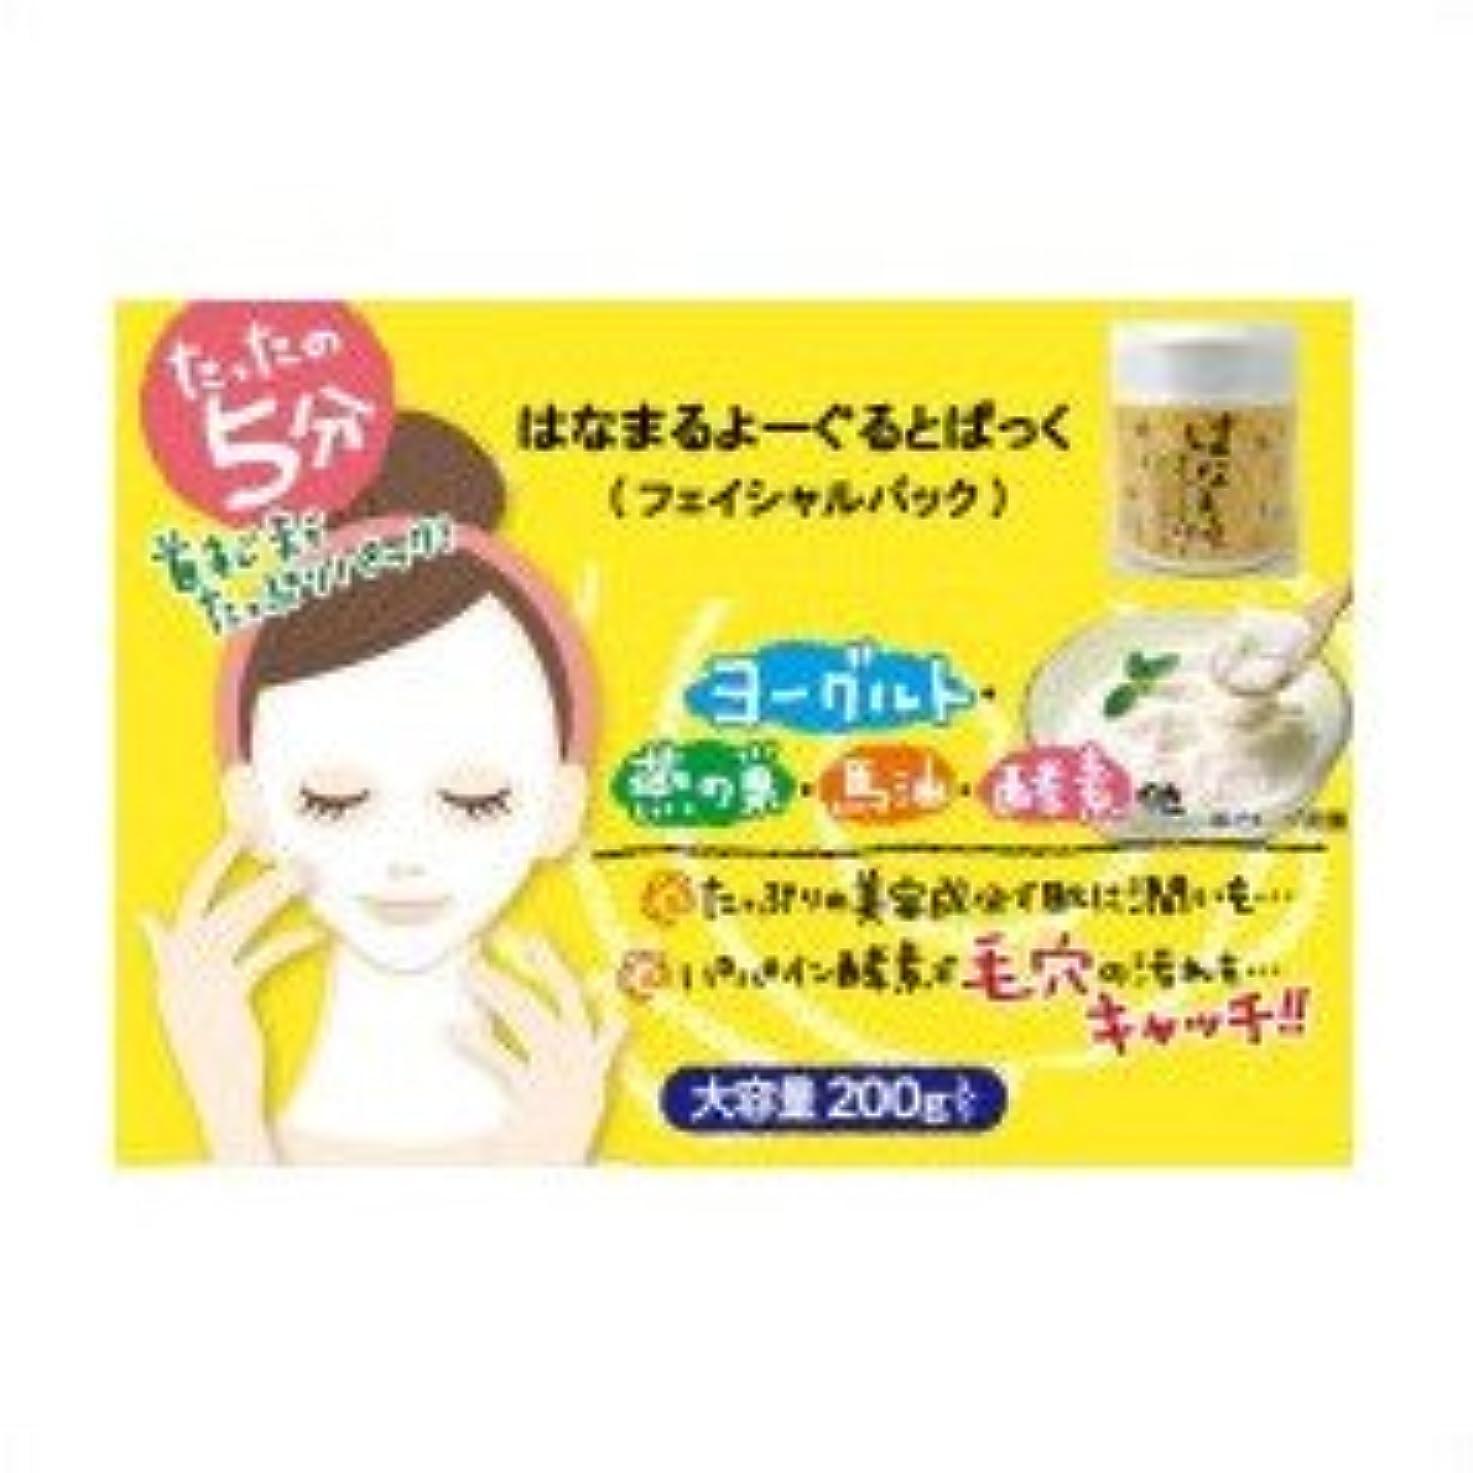 冷ややかなバッチ経験者日本製 はなまるよーぐるとぱっく(フェイシャルパック) 200g